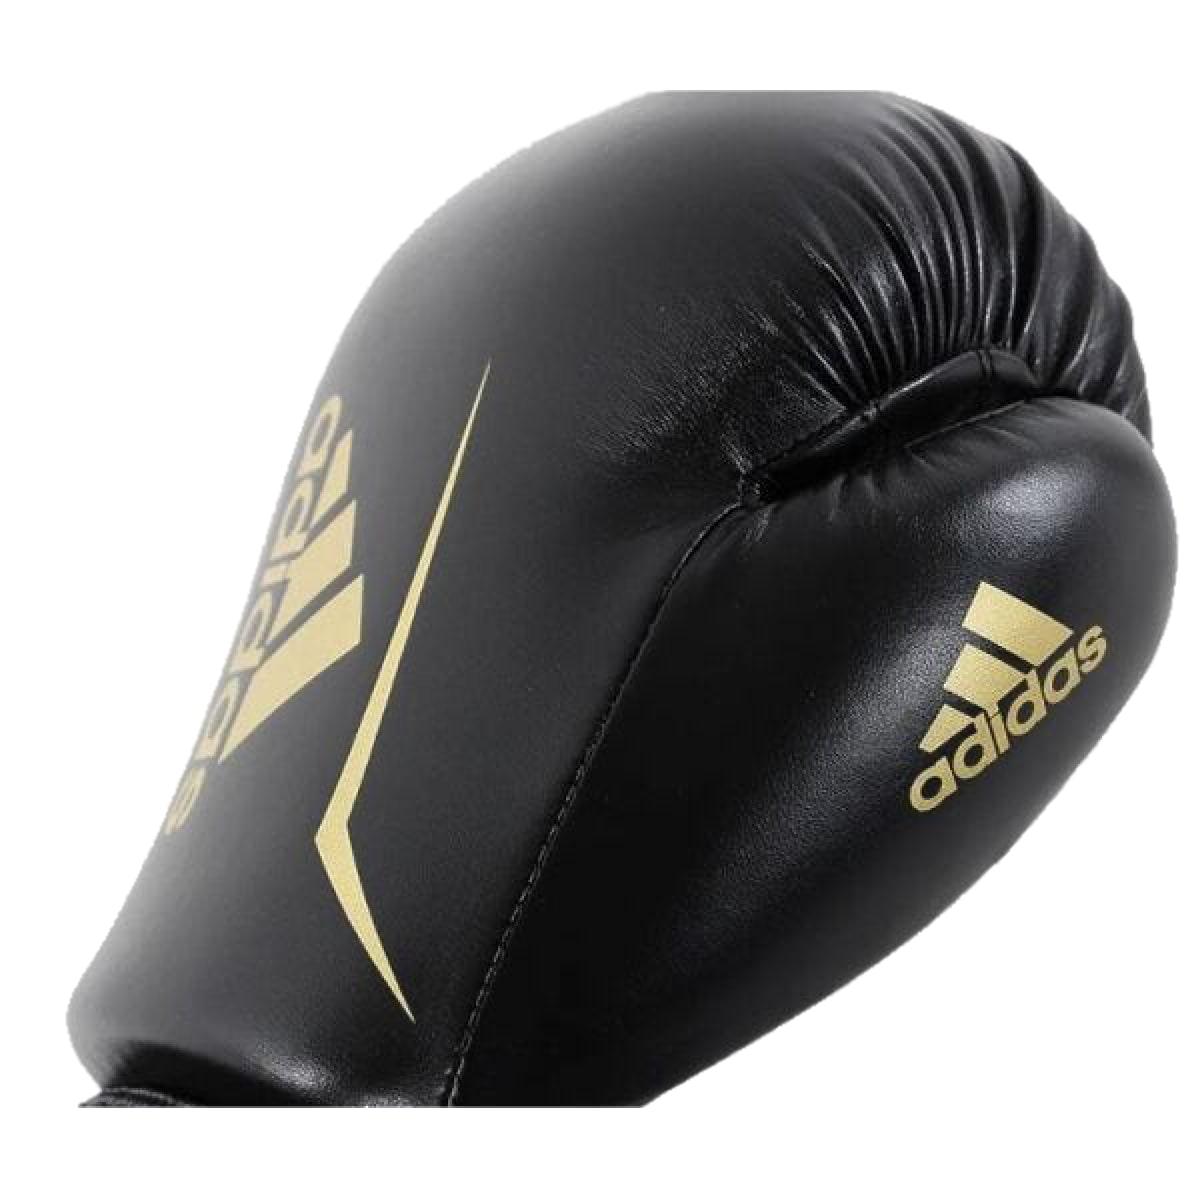 Luva Boxe Adidas Speed 50 - Preto e Dourado